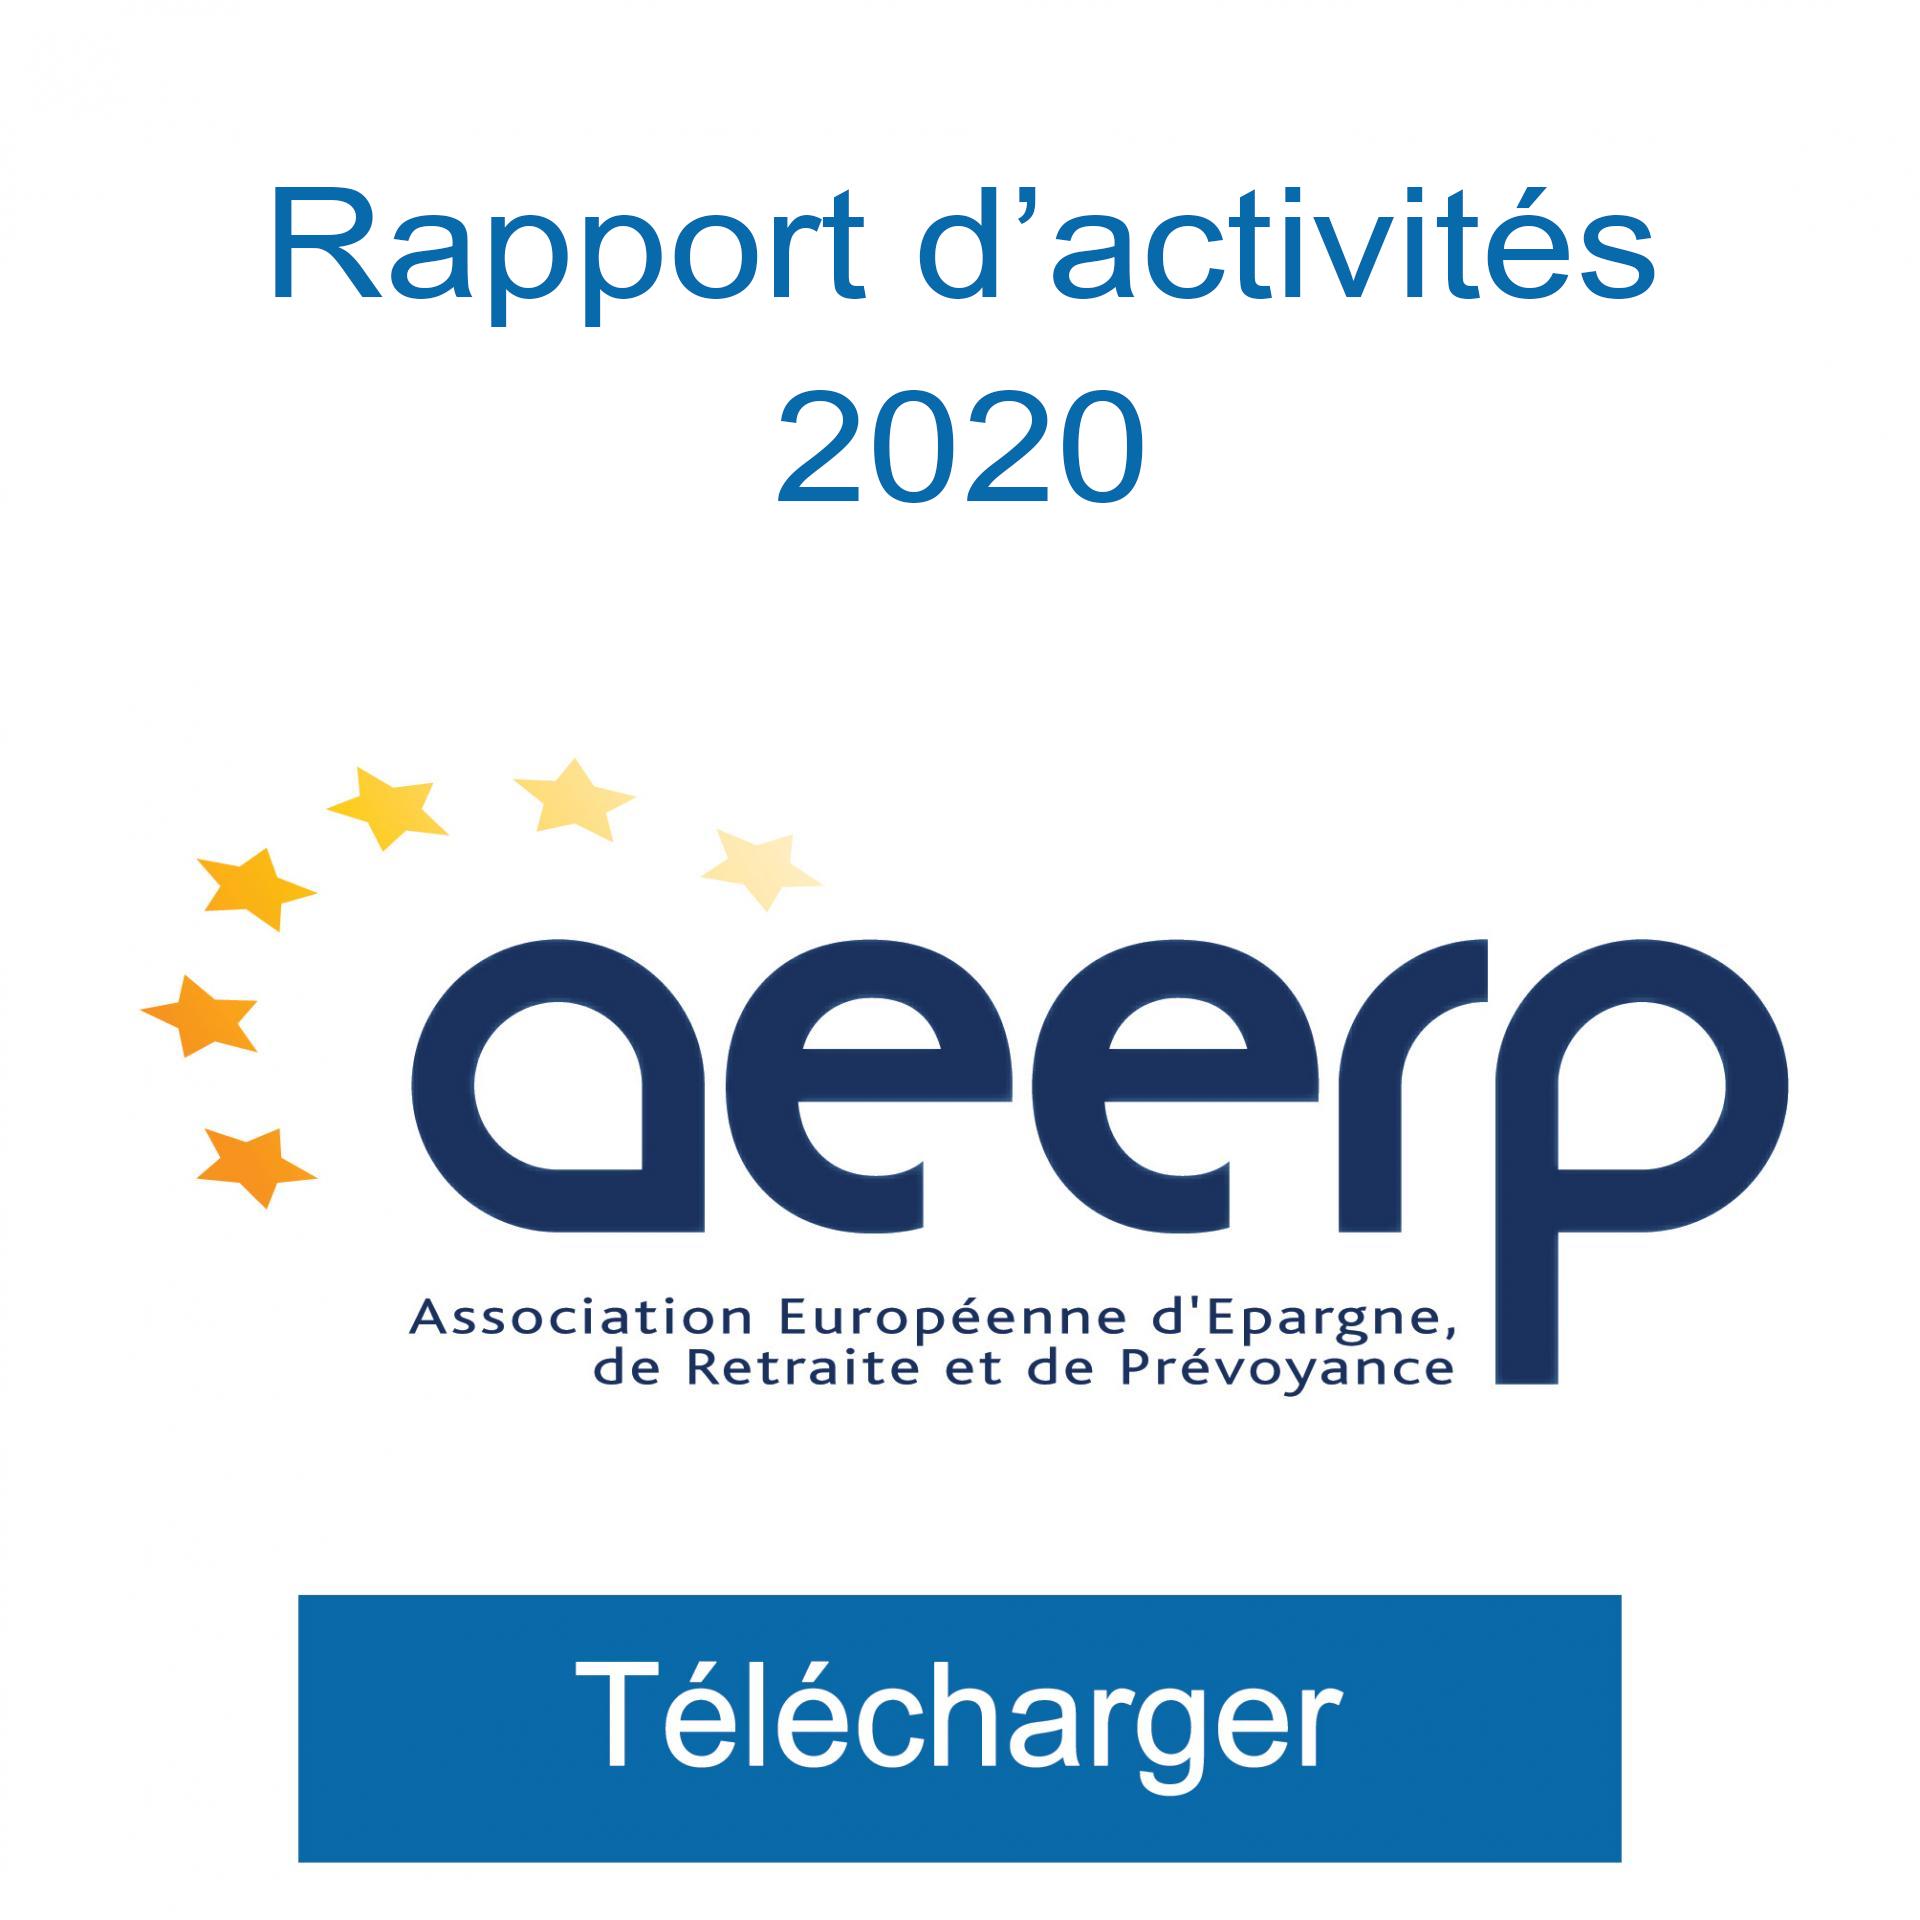 Rapport d activites 2020